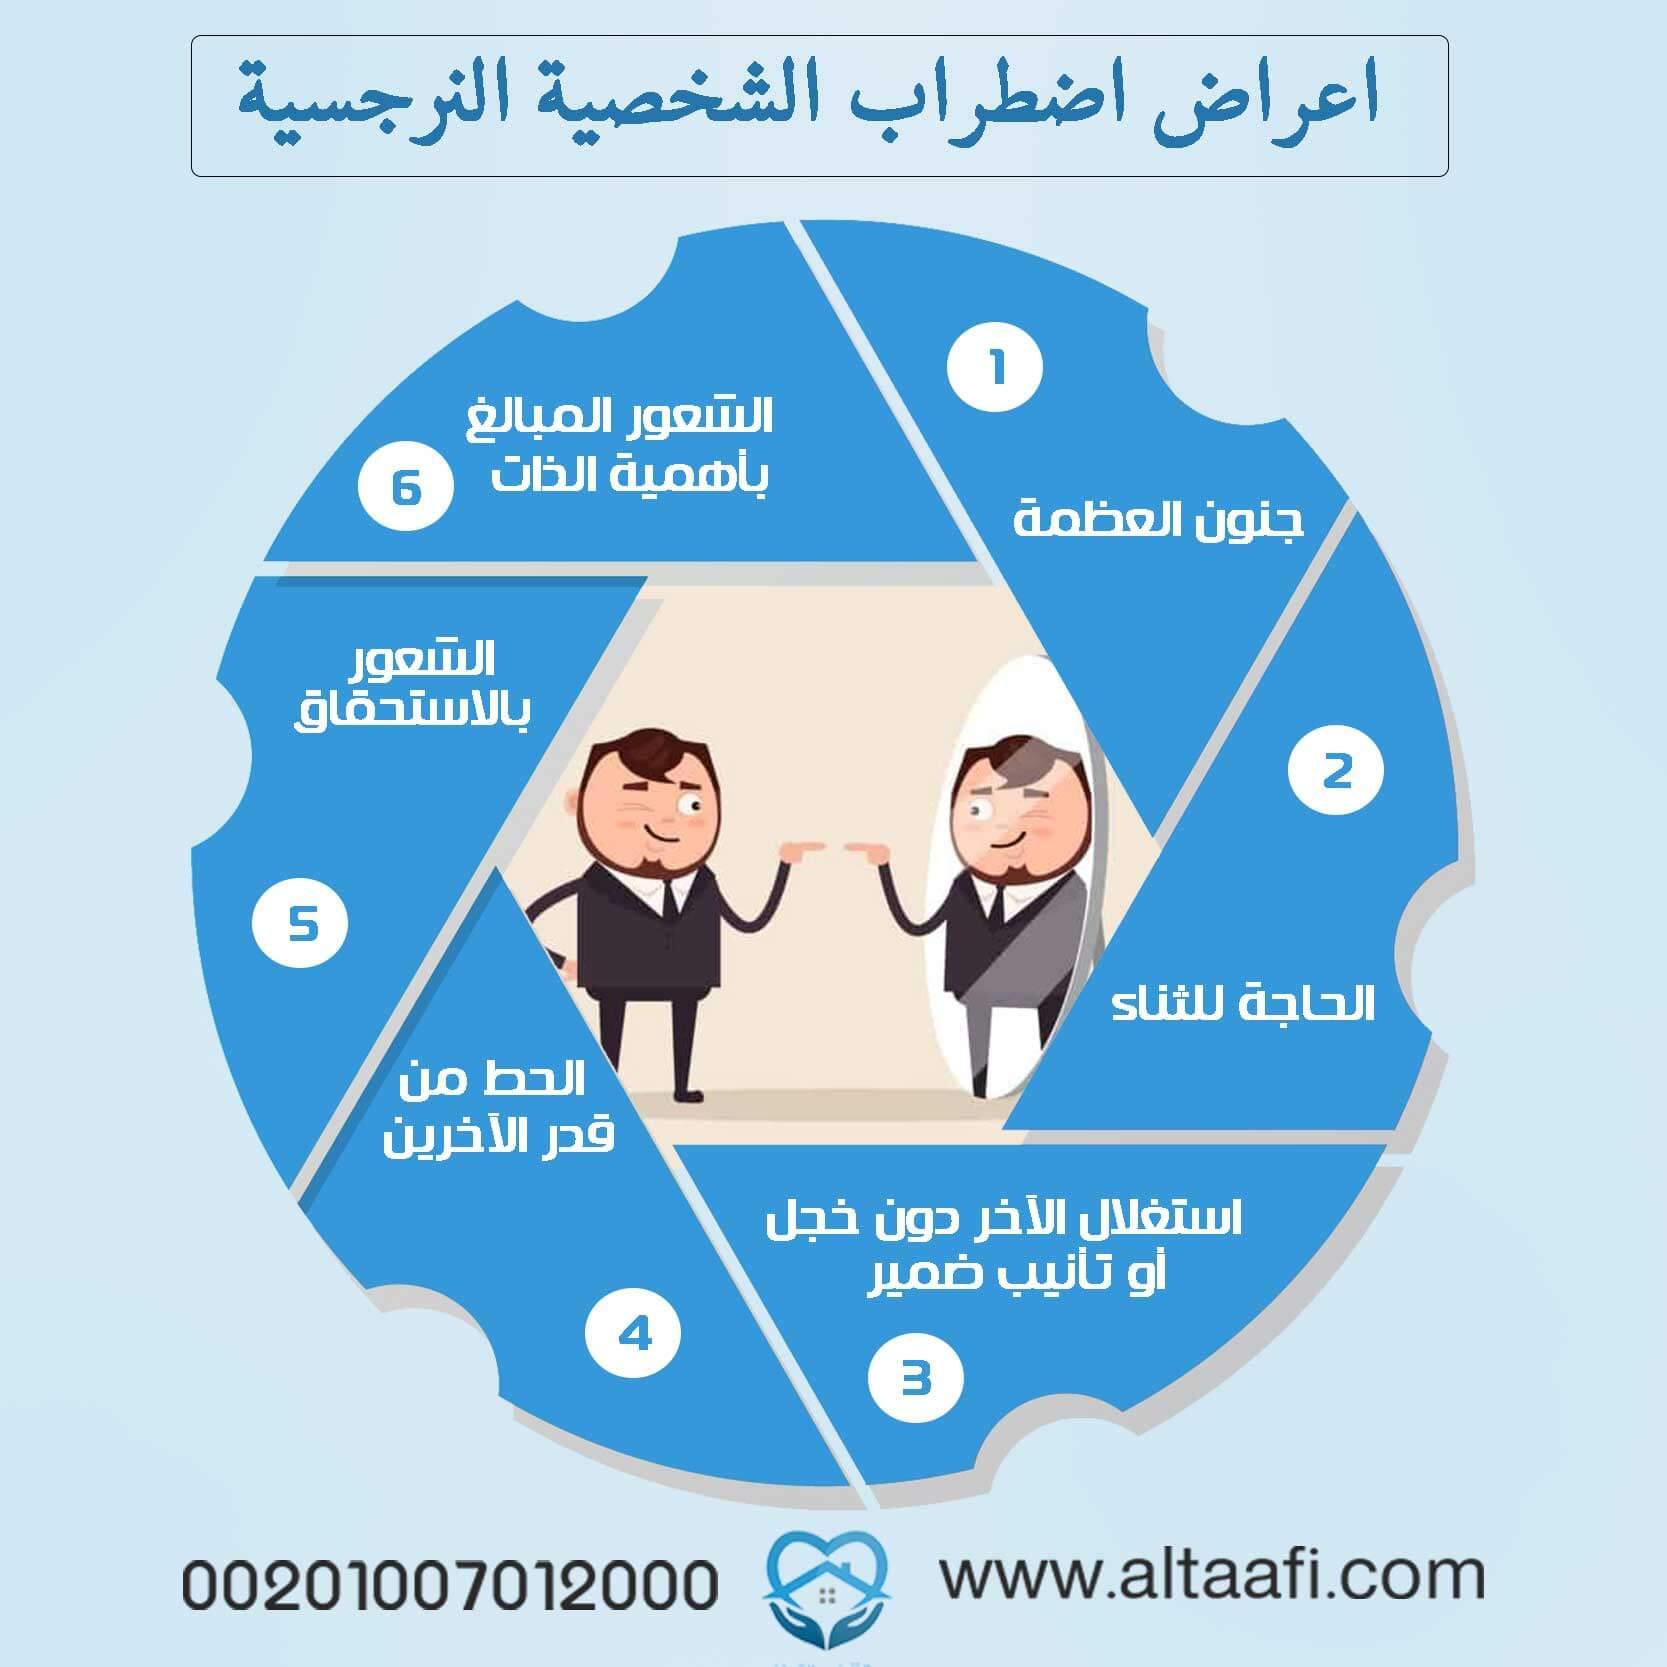 أعراض اضطراب الشخصية النرجسية